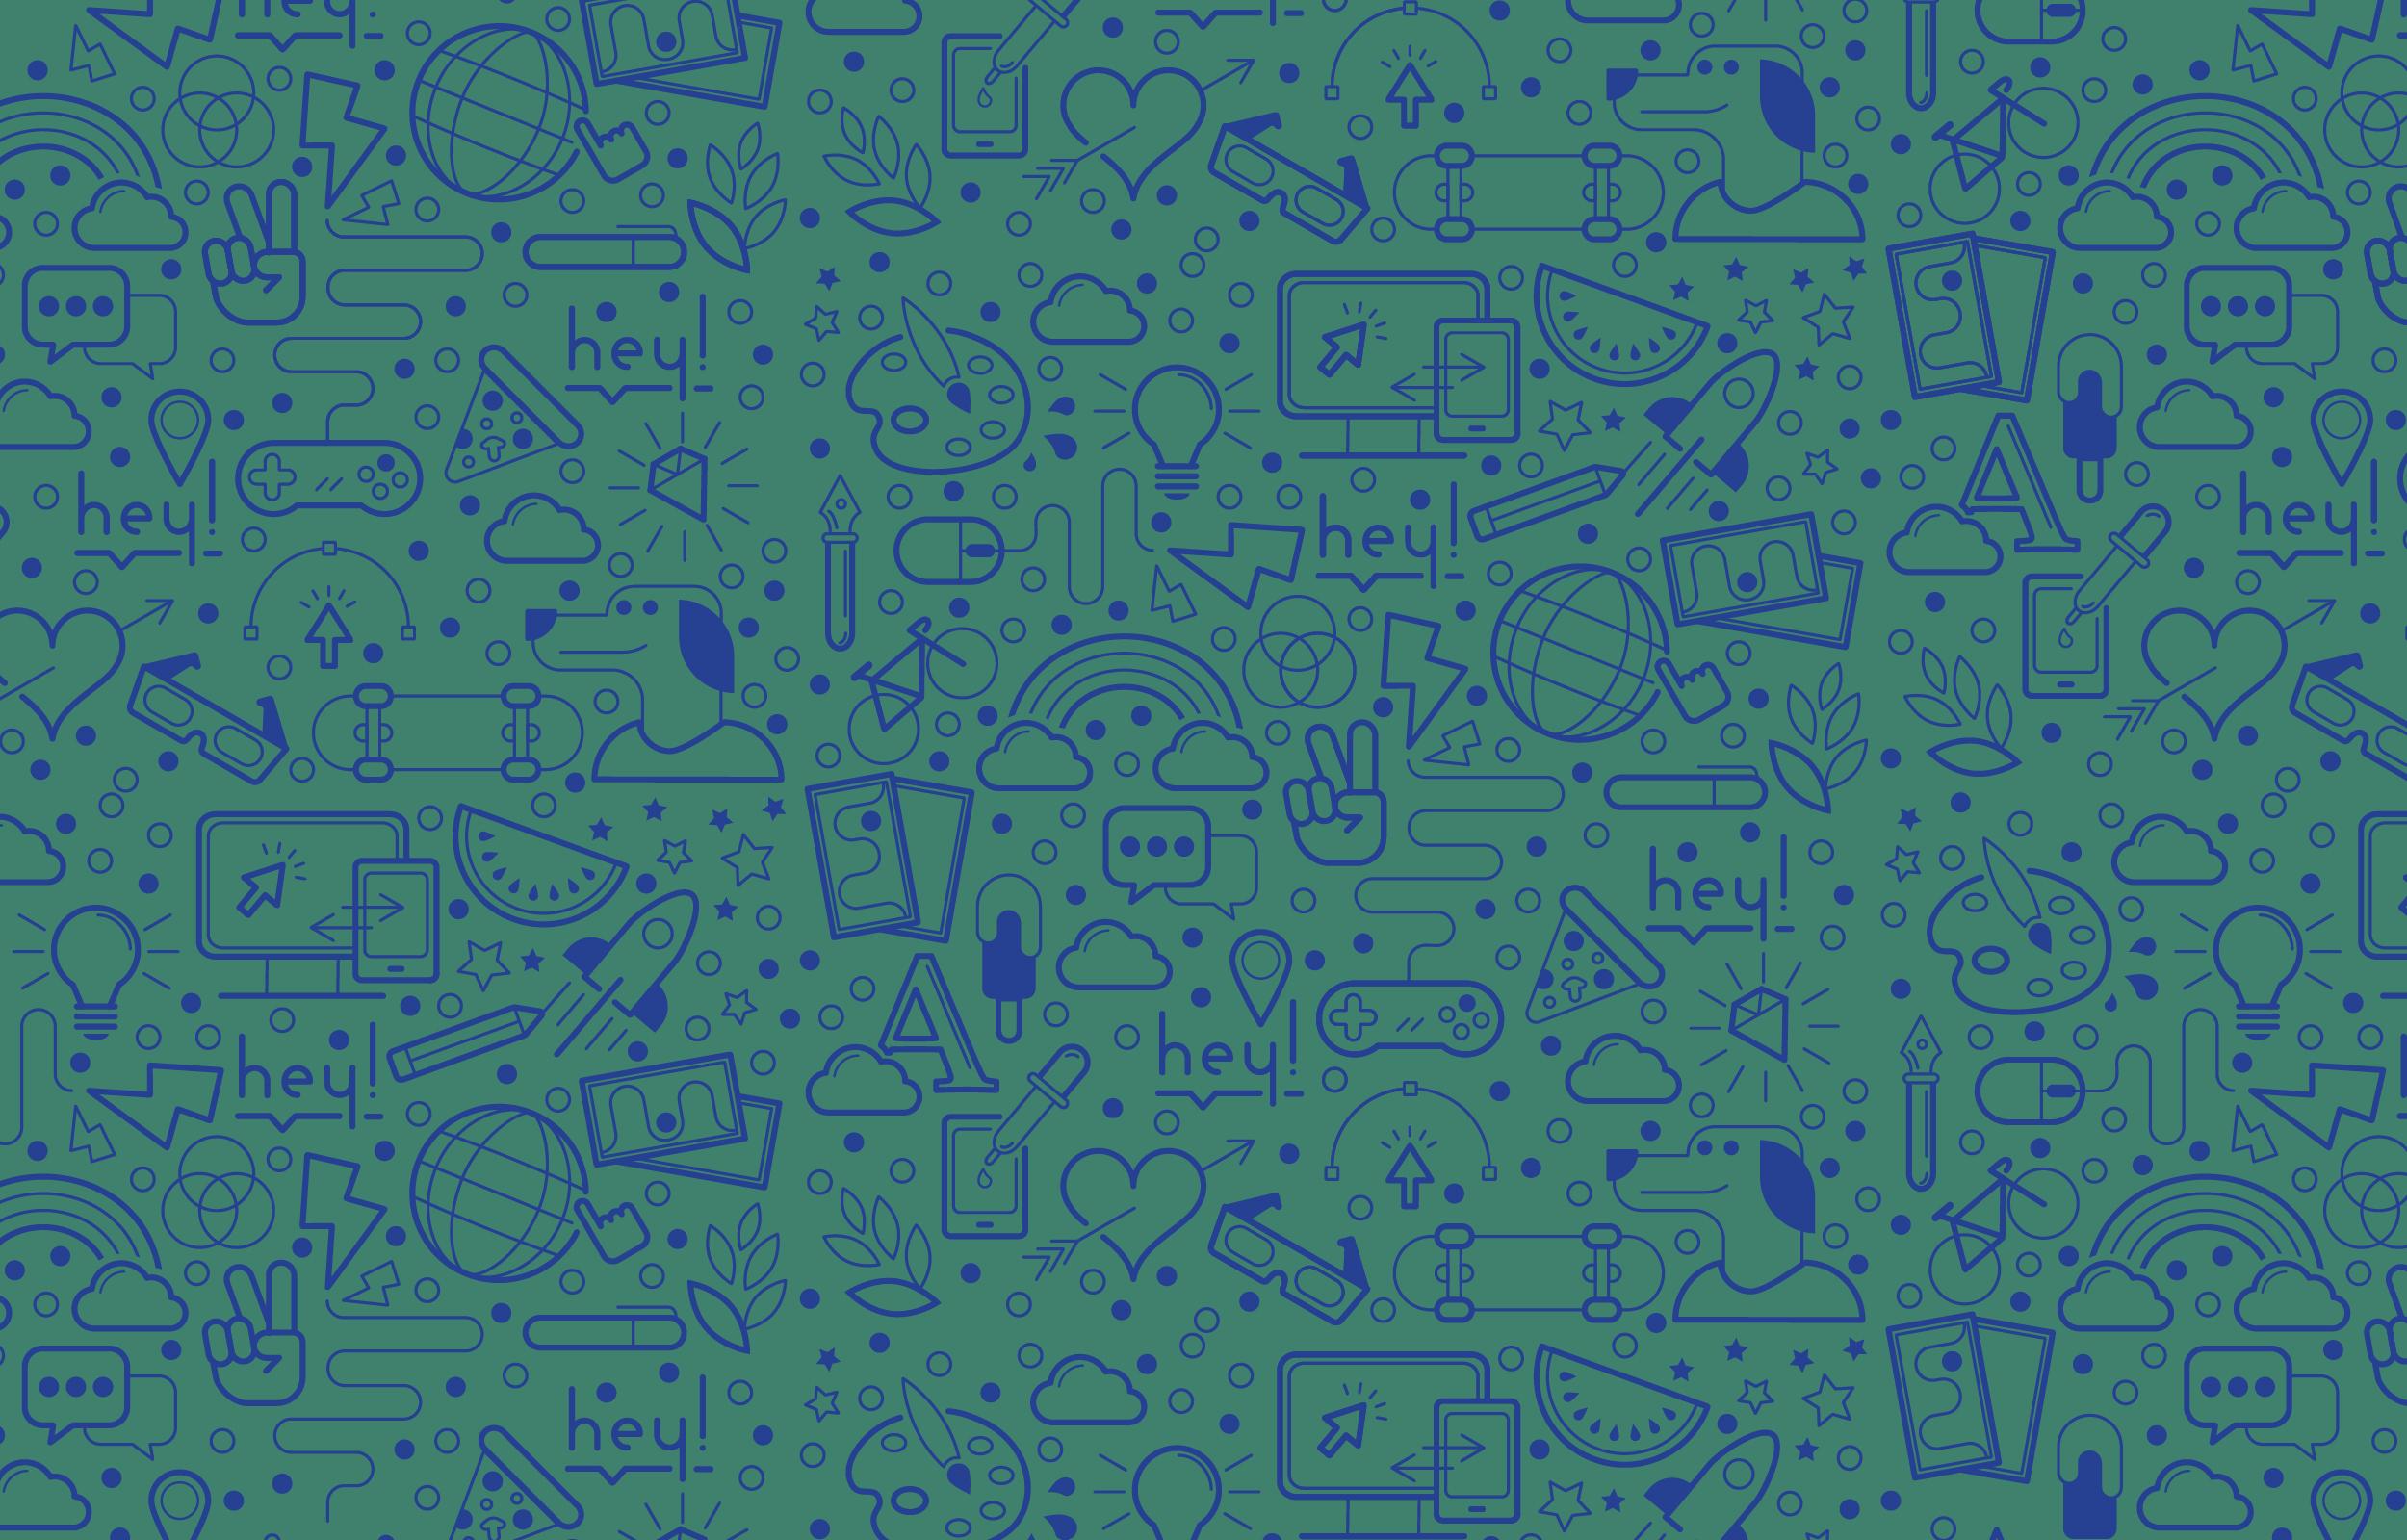 Mosaïque d'éléments graphiques illustrant l'activité de design graphique pour le sitemap et les mentions légales